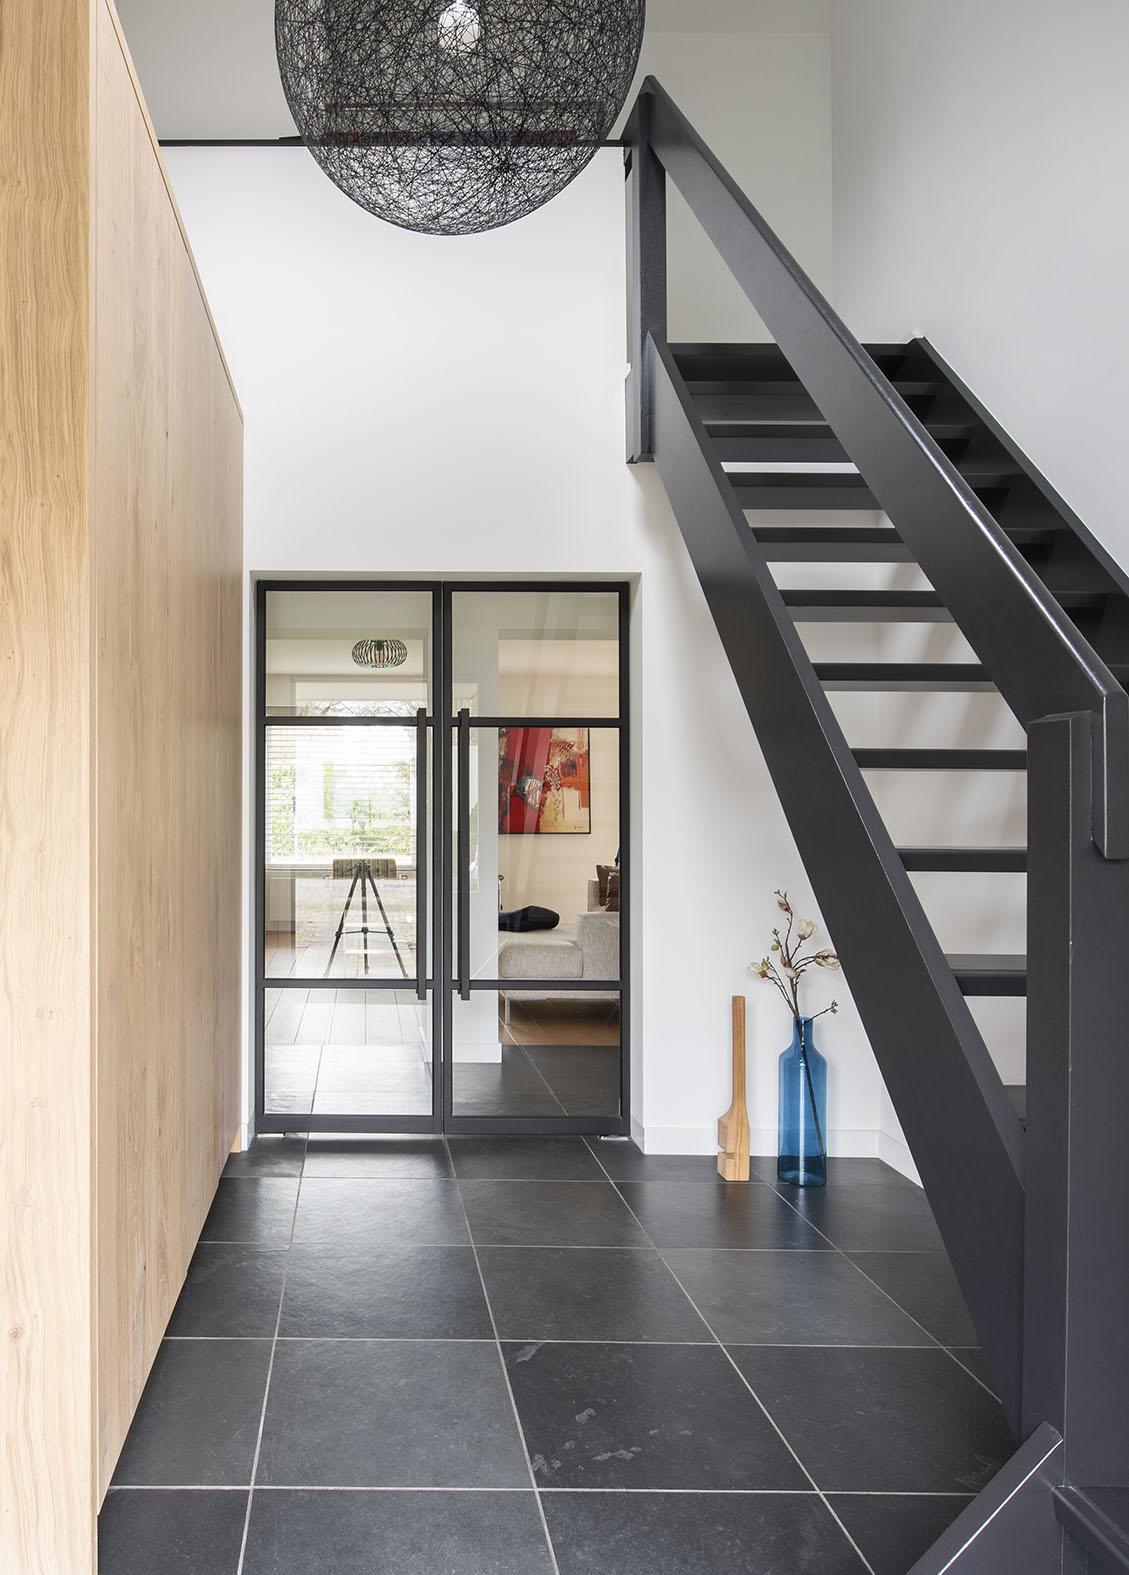 entree hal interieuradvies Den Bosch Engelen zwart stalen deuren zwarte trap kleuradvies maatwerk kast